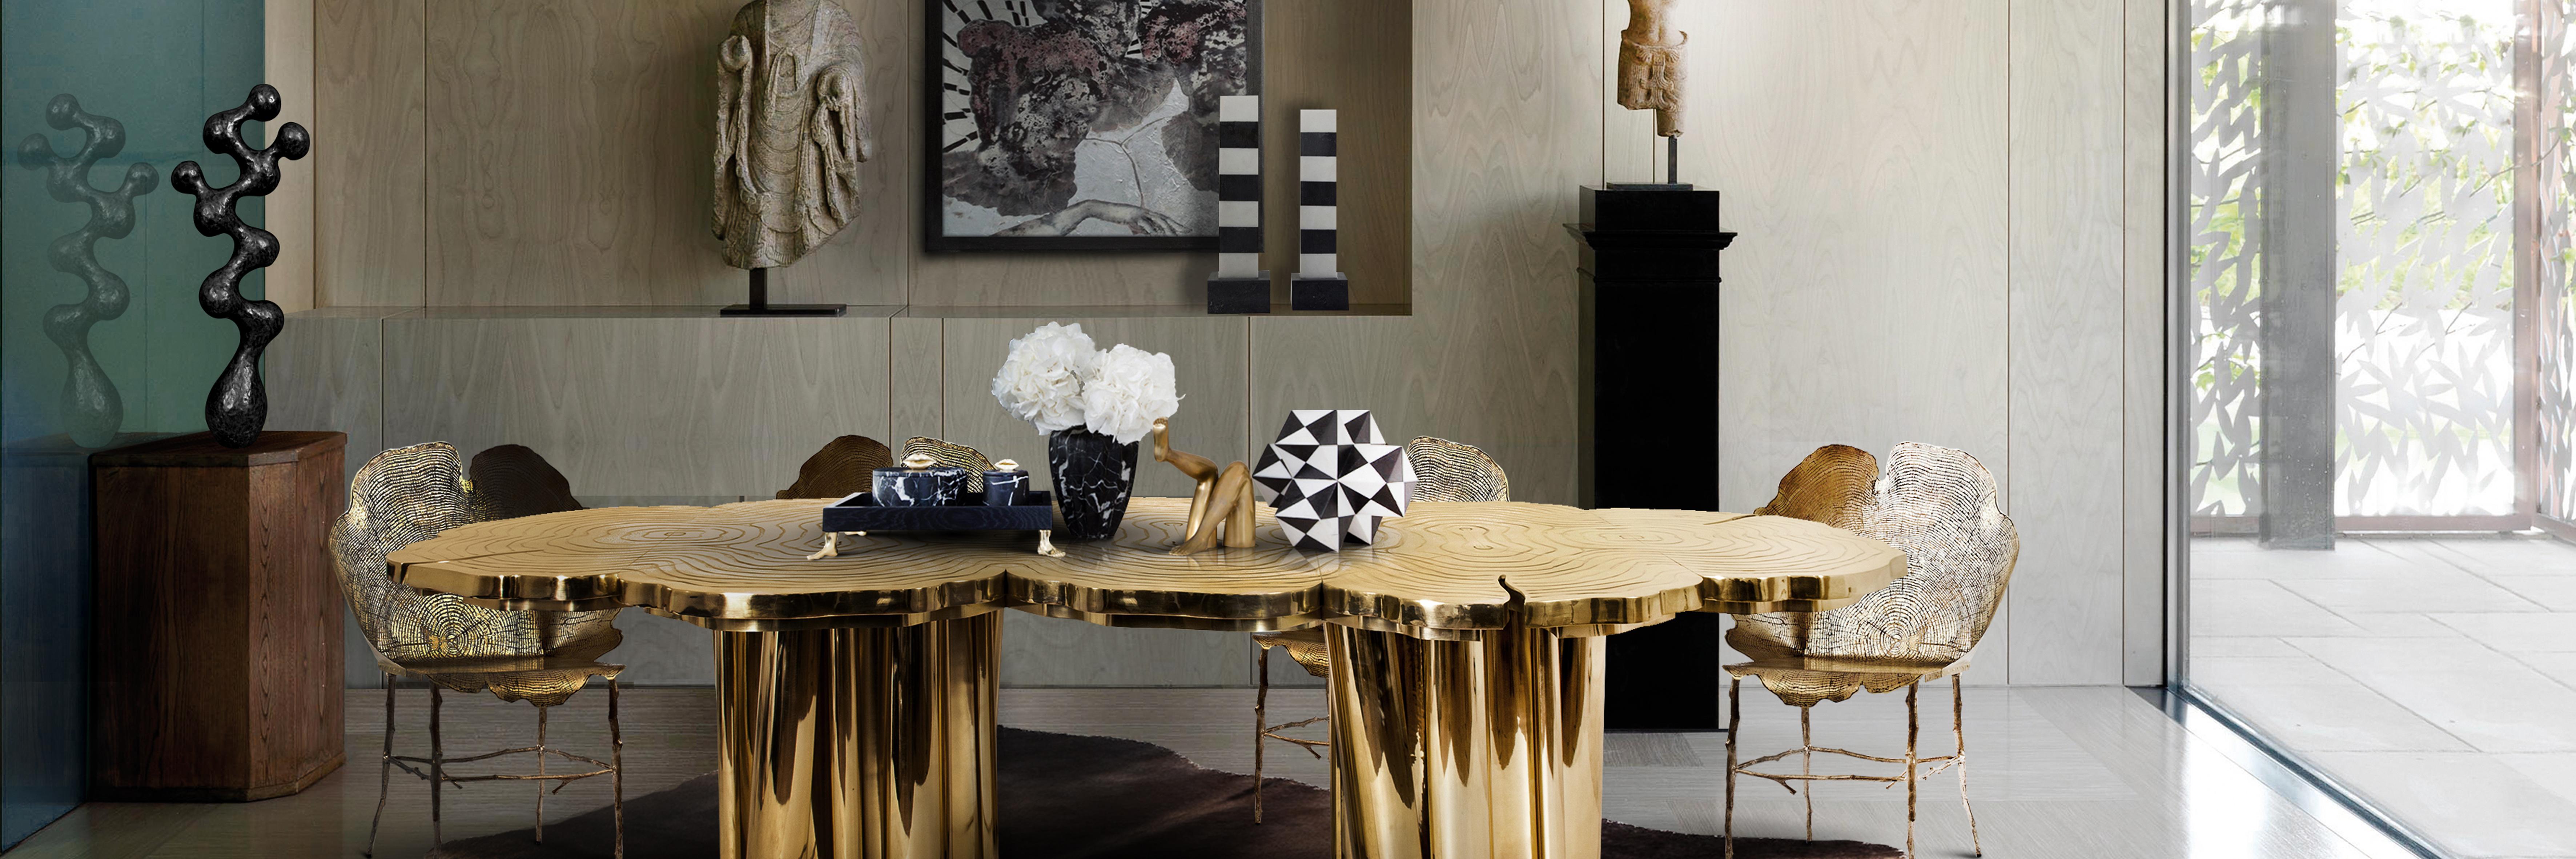 Magasins dcoration maison design intrieur boutique for Boutique de decoration maison